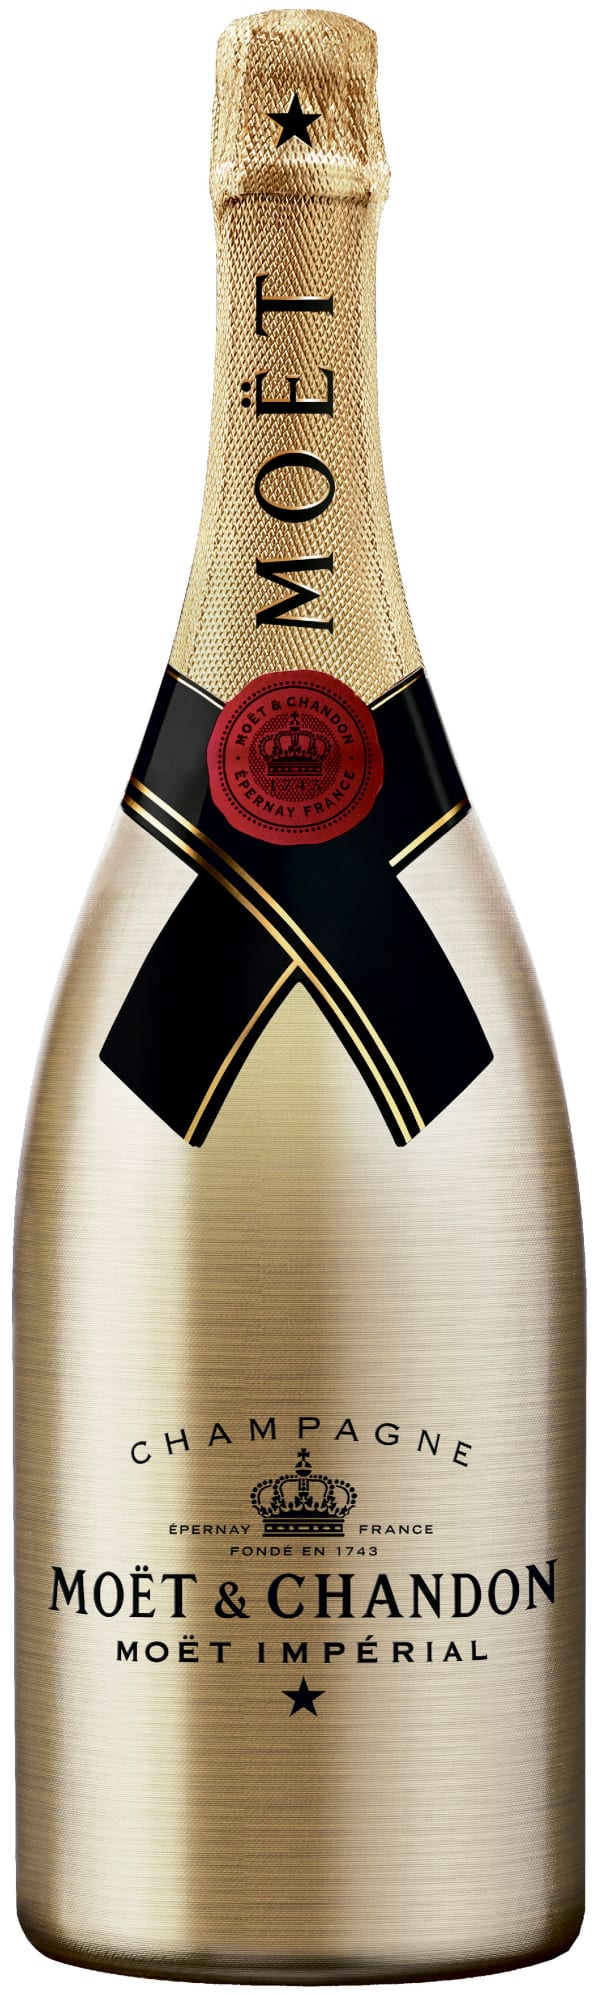 Moët & Chandon Imperial Golden Magnum Champagne Brut